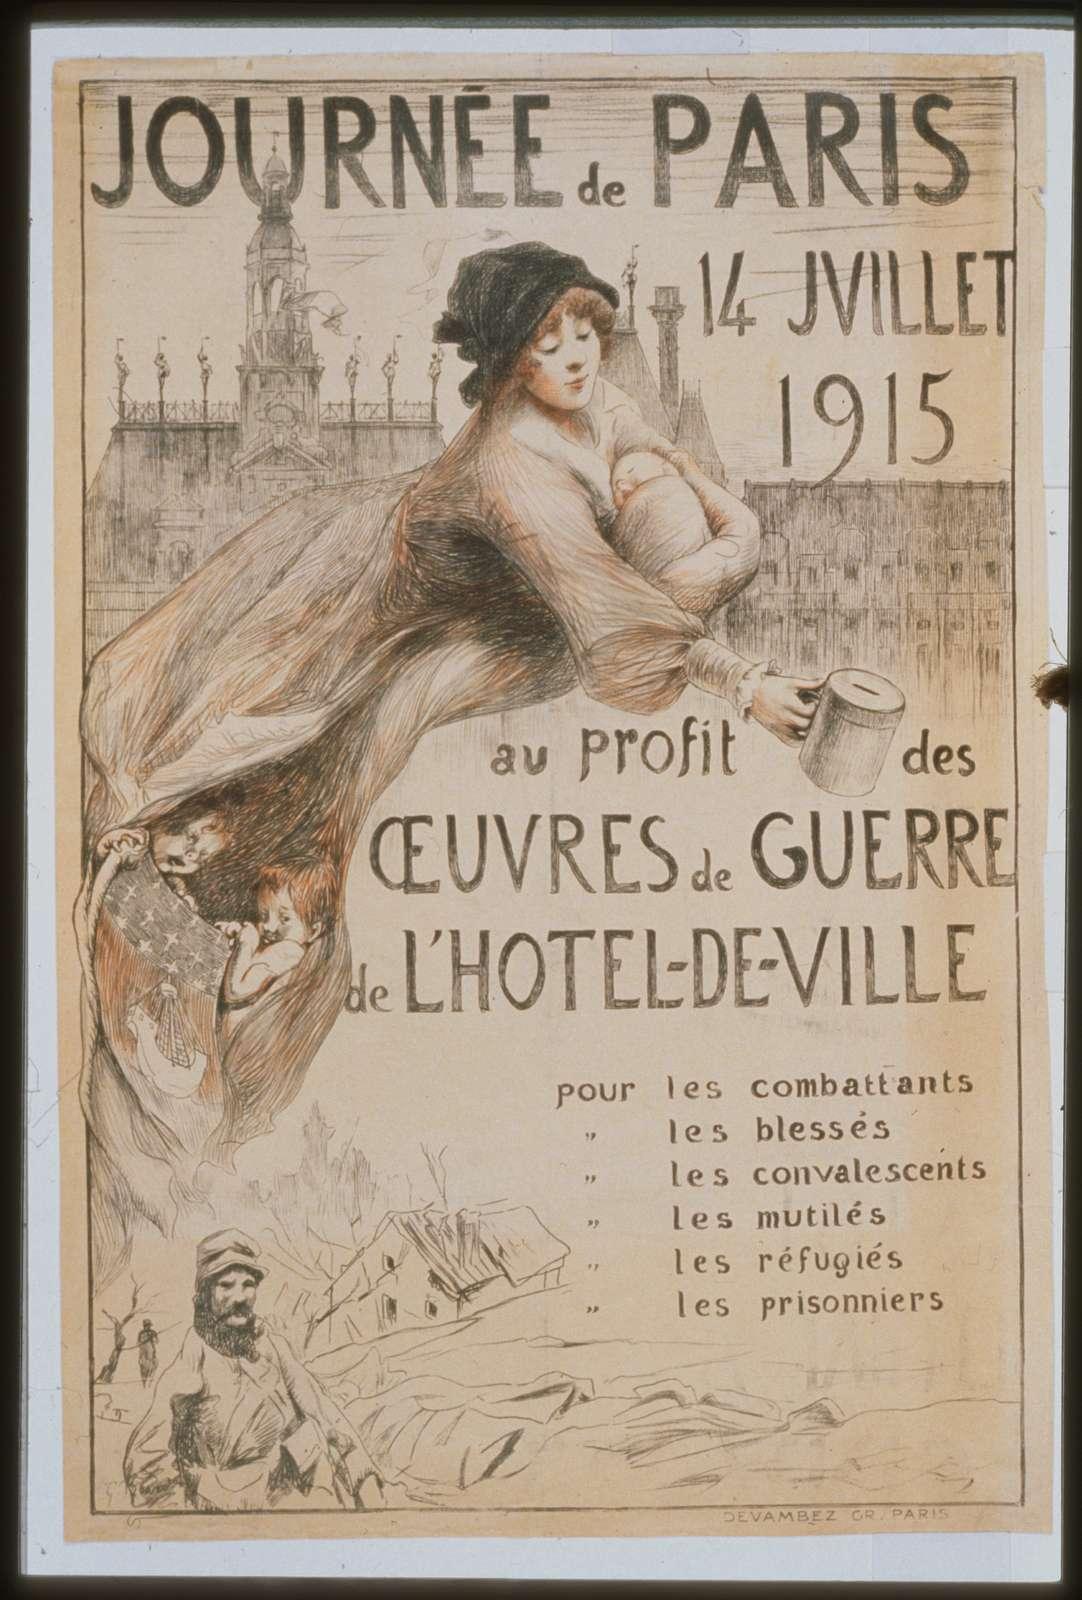 Journée de Paris. 14 Juillet 1915 au profit des oeuvres de guerre de l'Hôtel-de-Ville. Pour les combattants . . .